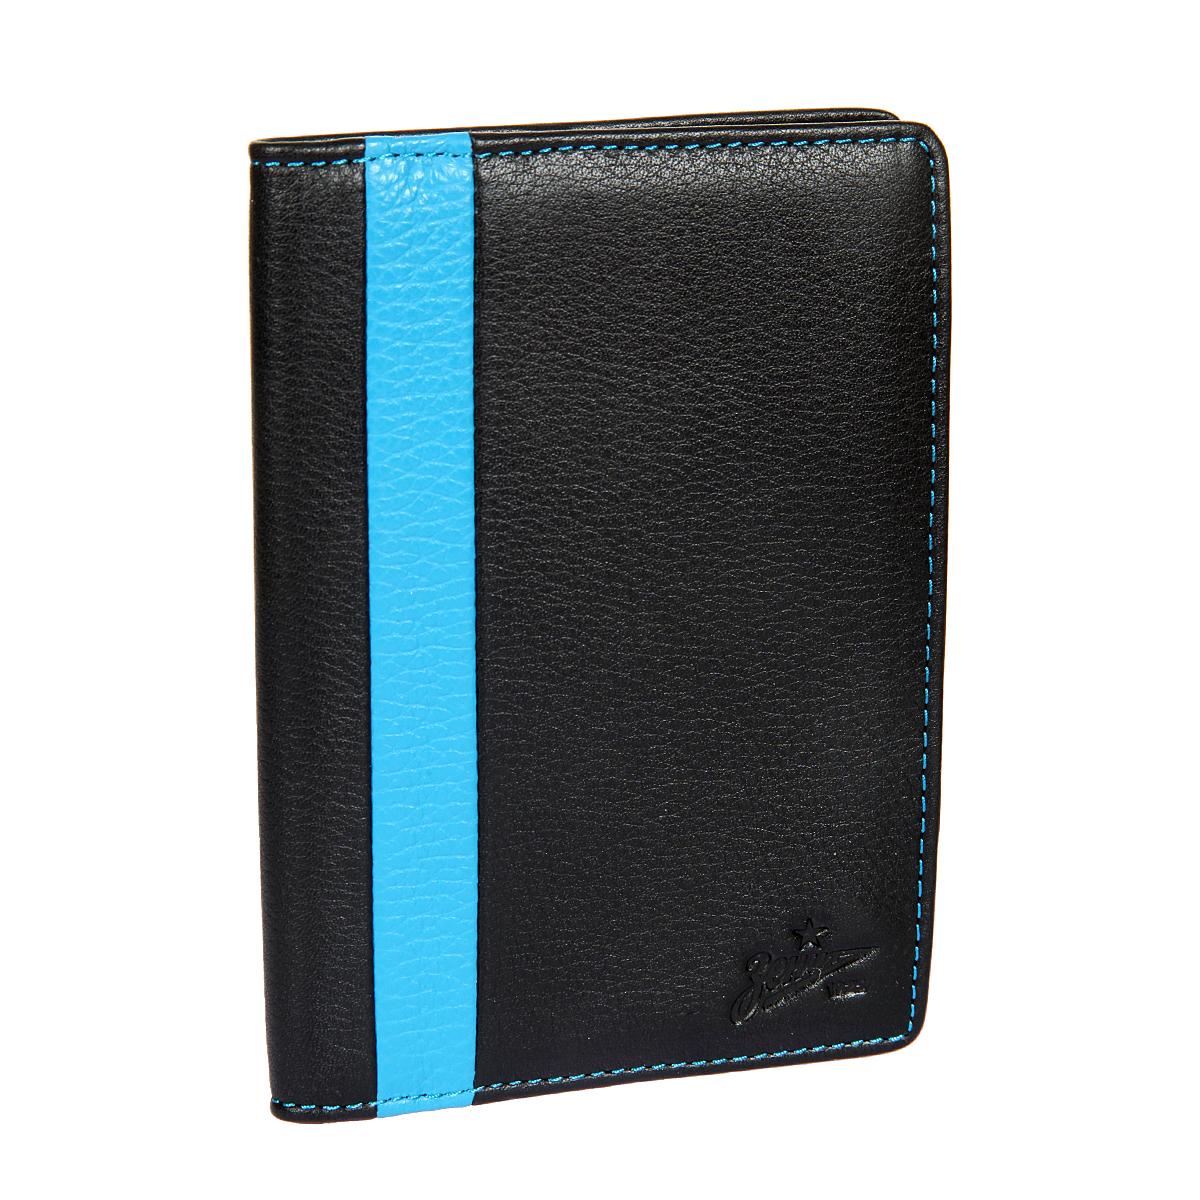 Обложка для автодокументов мужская Gianni Conti, цвет: черный. Z587492Z587492 black/blueРаскладывается пополам, внутри блок прозрачных файлов для автодокументов.